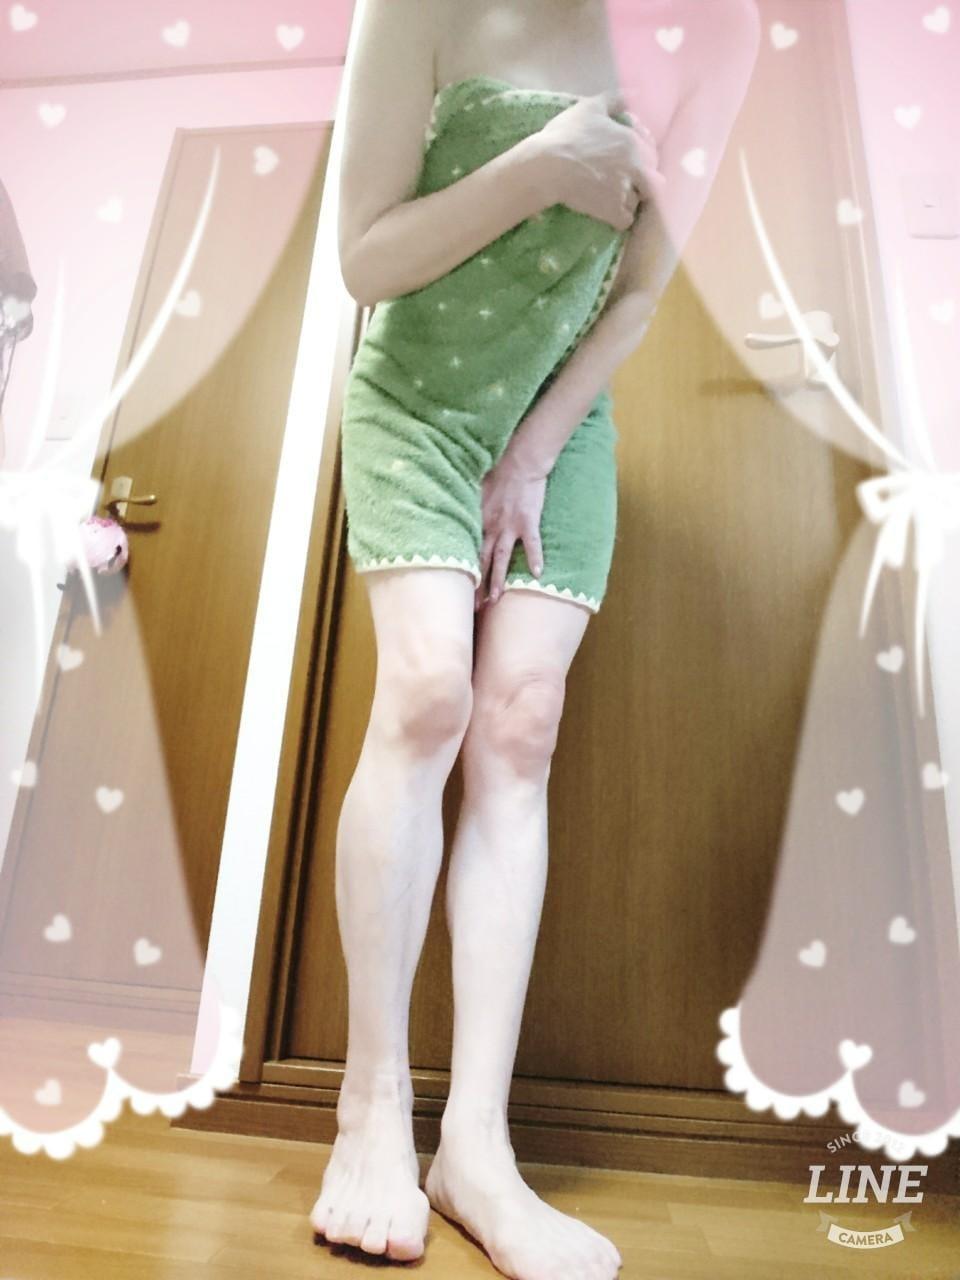 「おはようございます(^^)/」08/03(火) 08:36 | さきの写メ